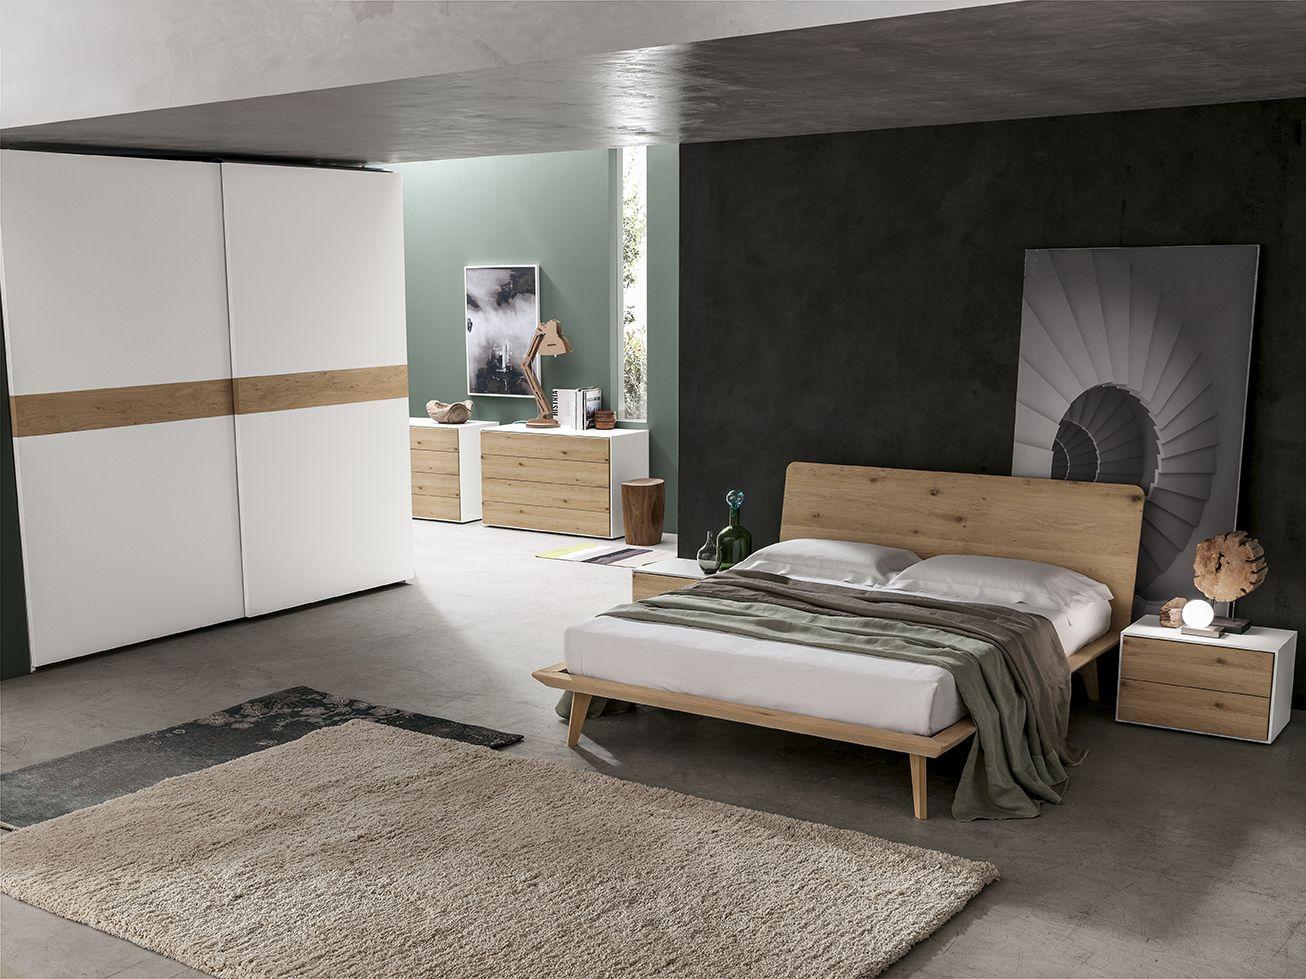 letto Projecta...#itesoricoloniali #letto #bed #arredamenti #casa ...